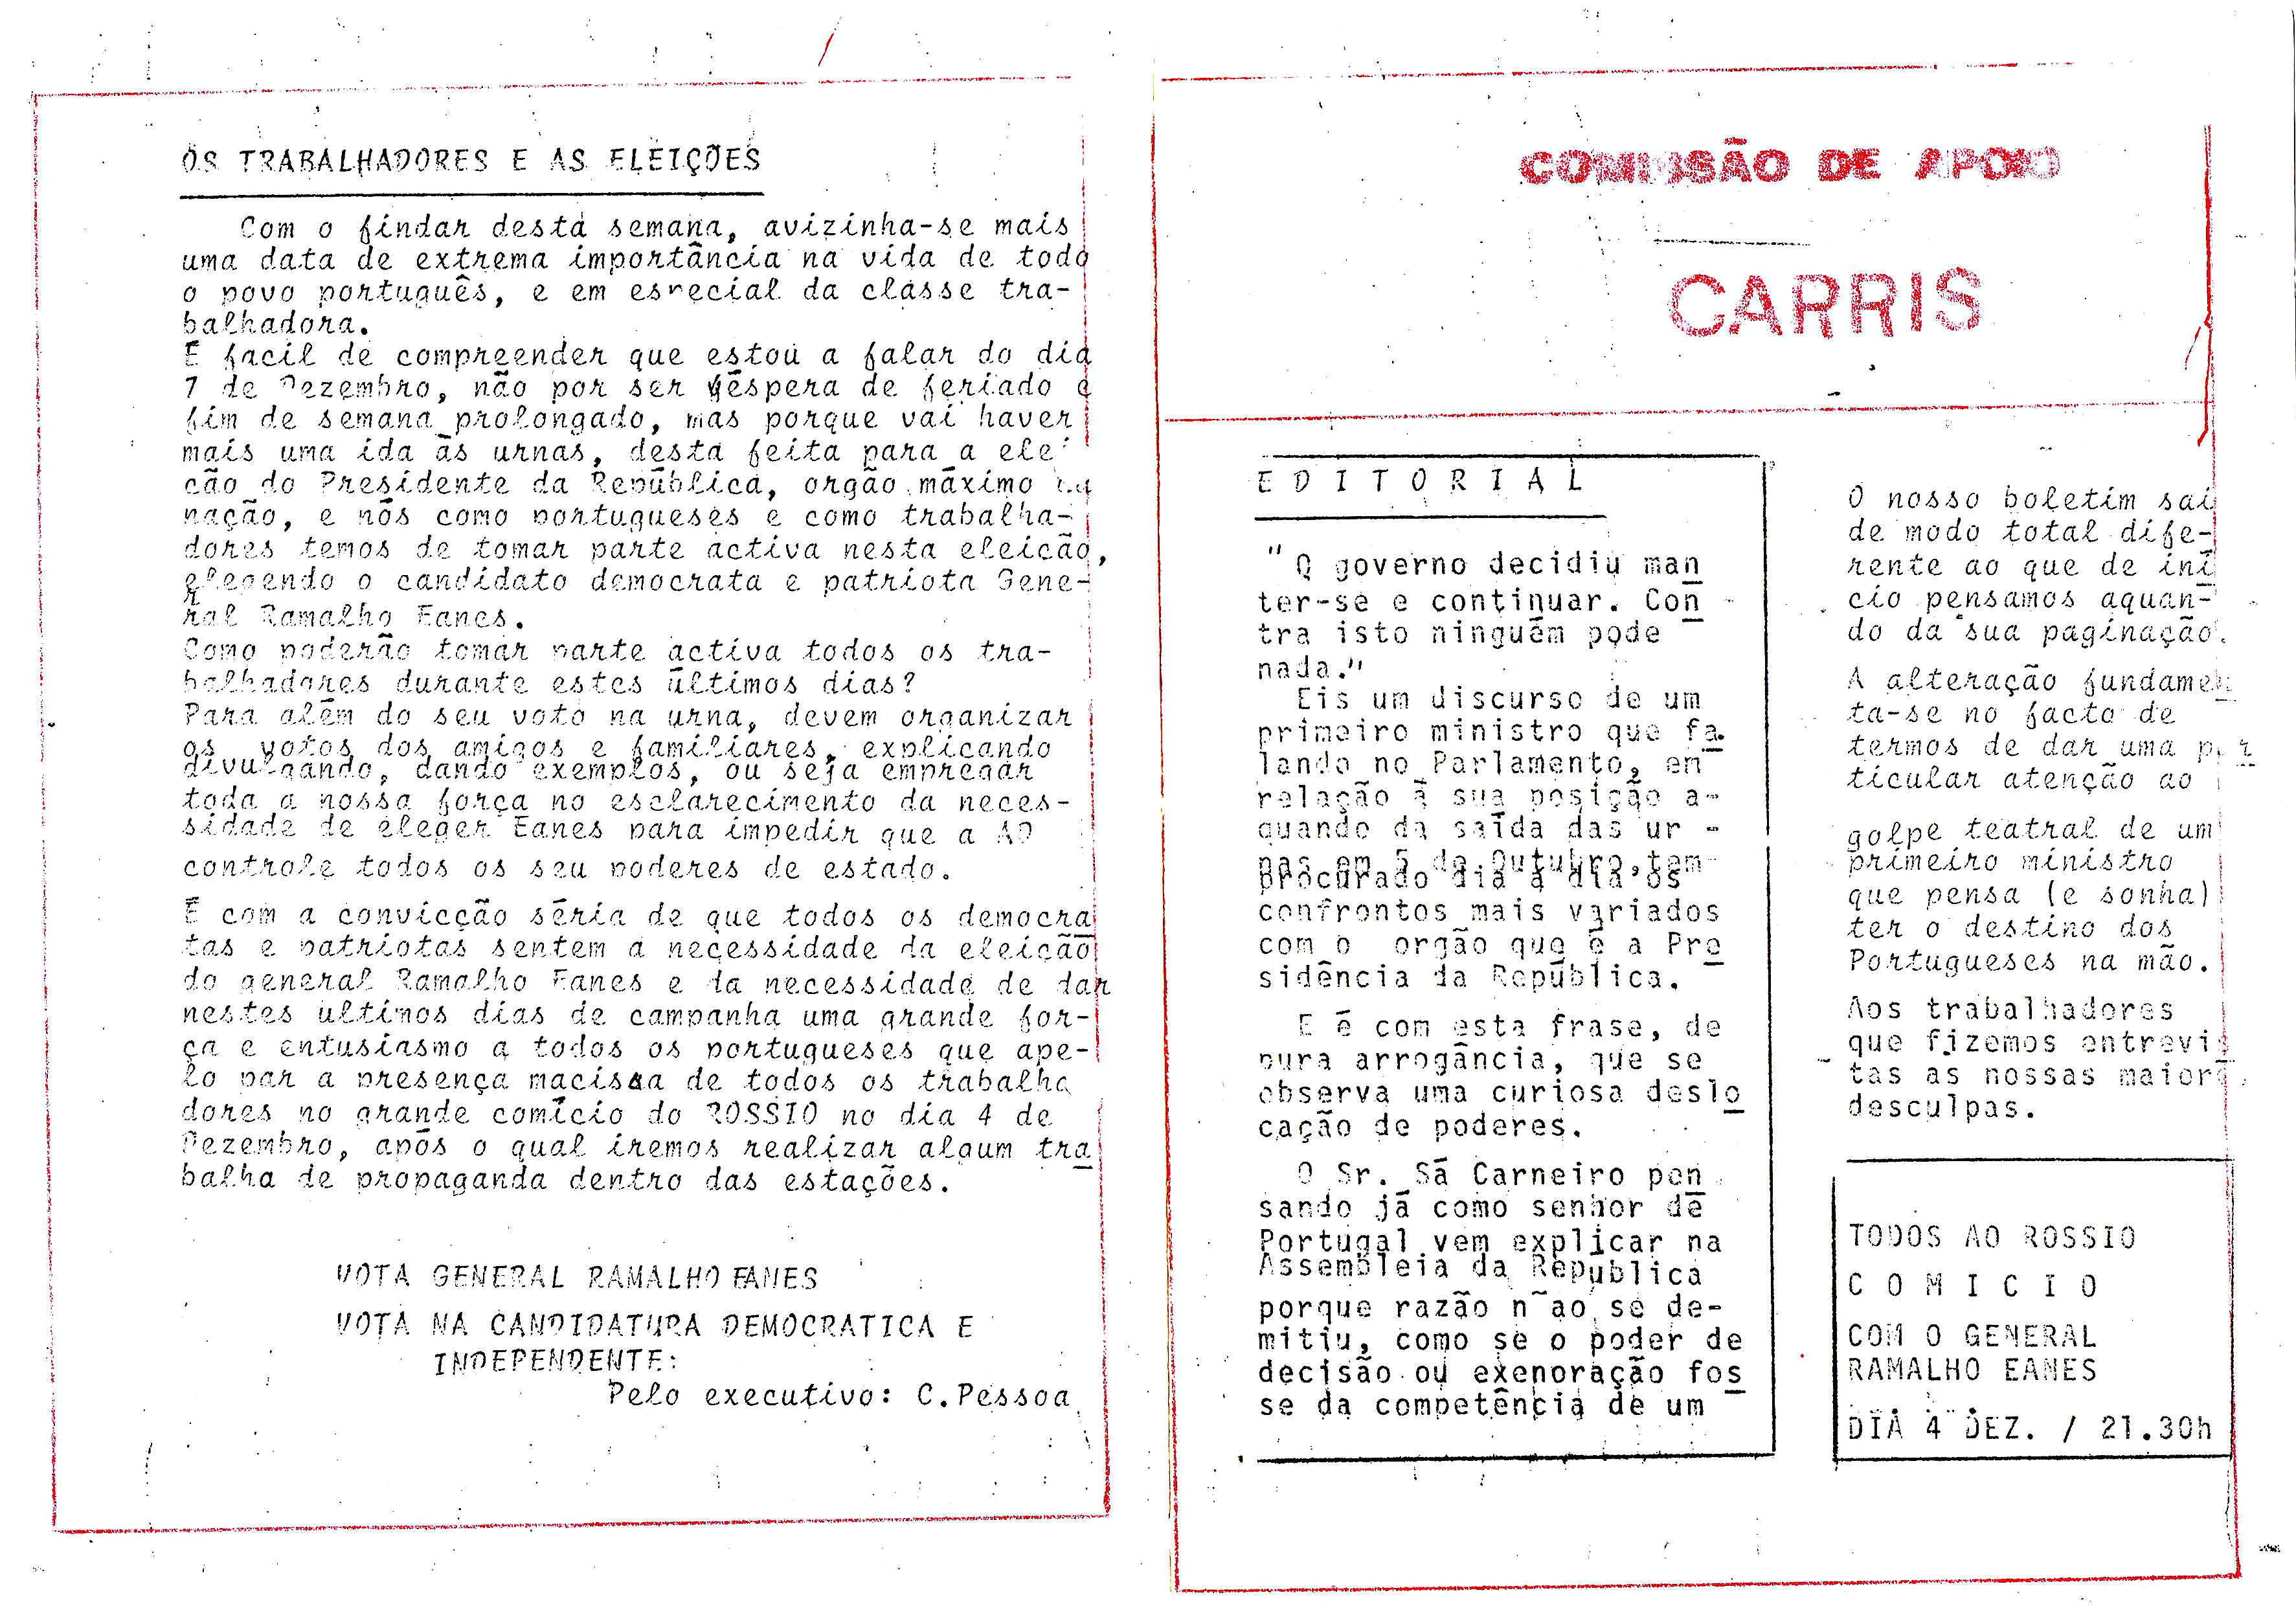 CARRIS APOIA EANES1